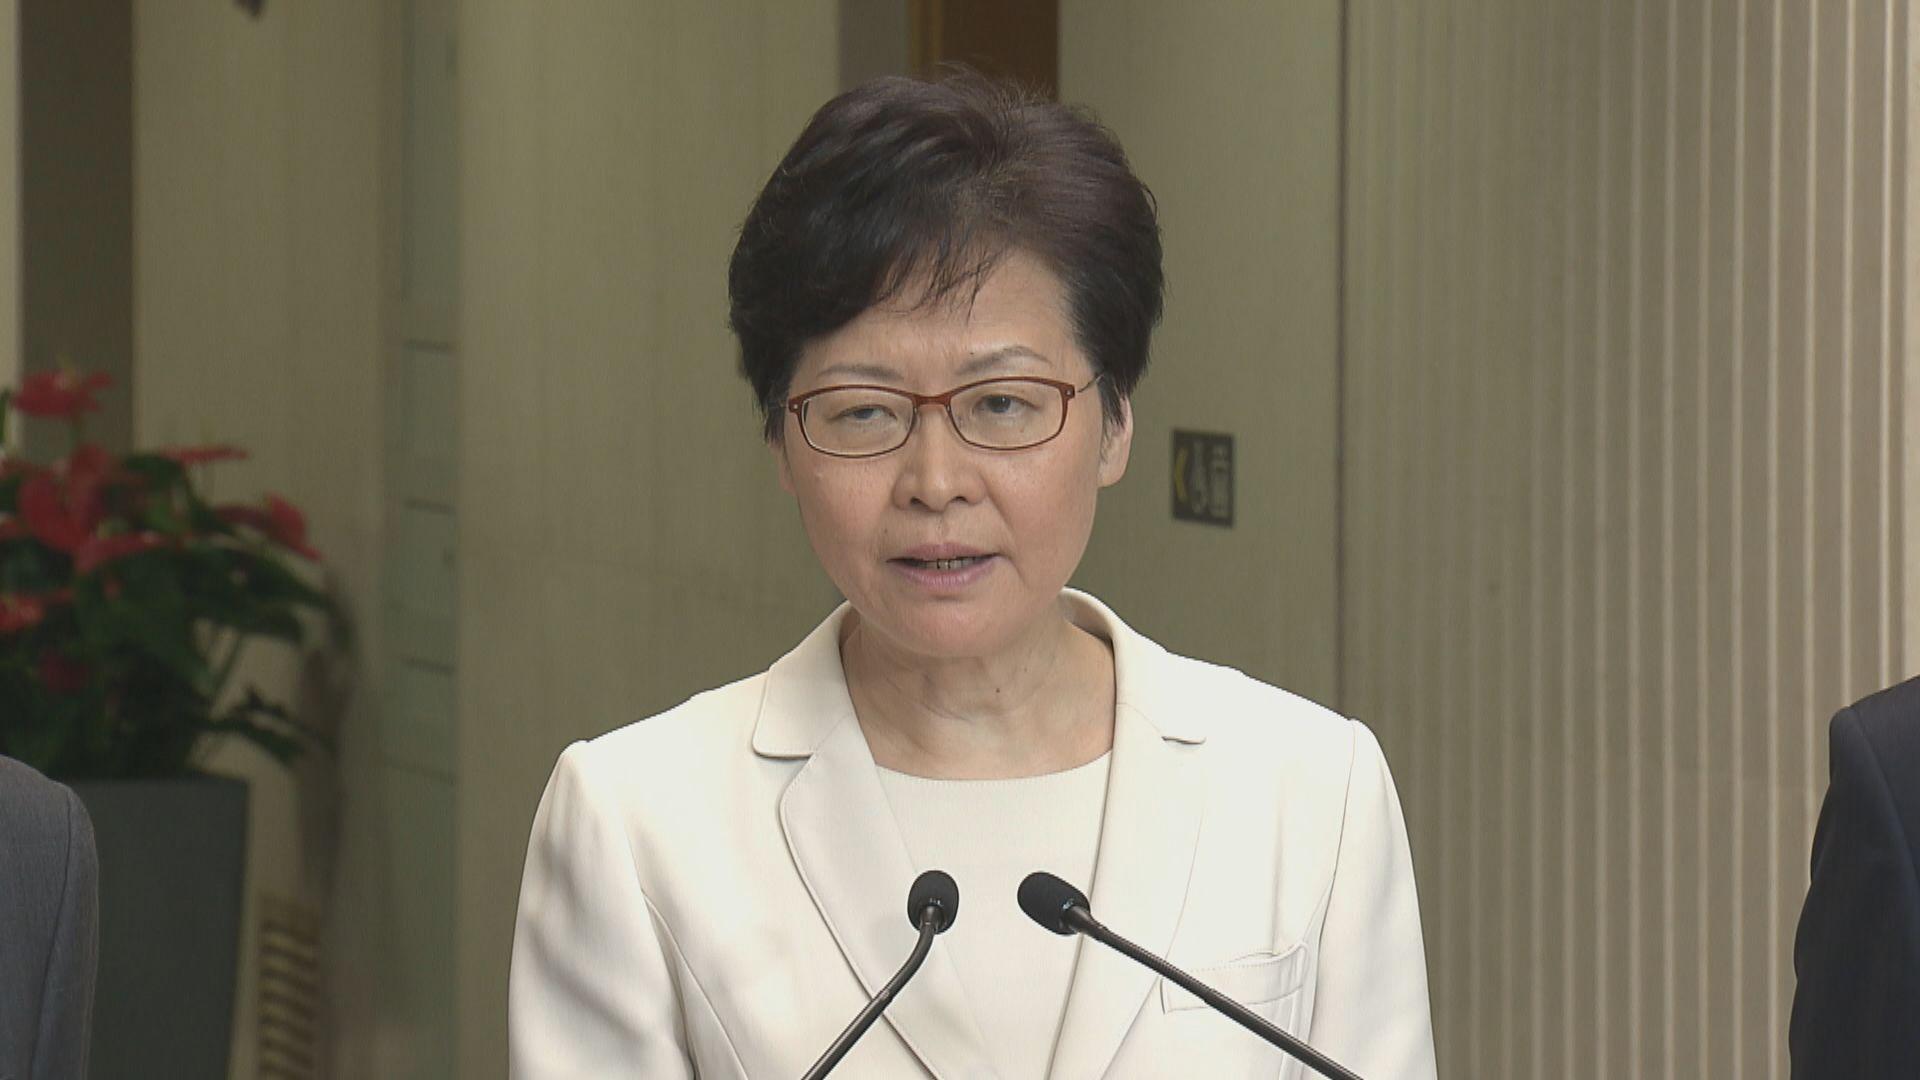 林鄭:釋放被捕人士訴求違法治精神